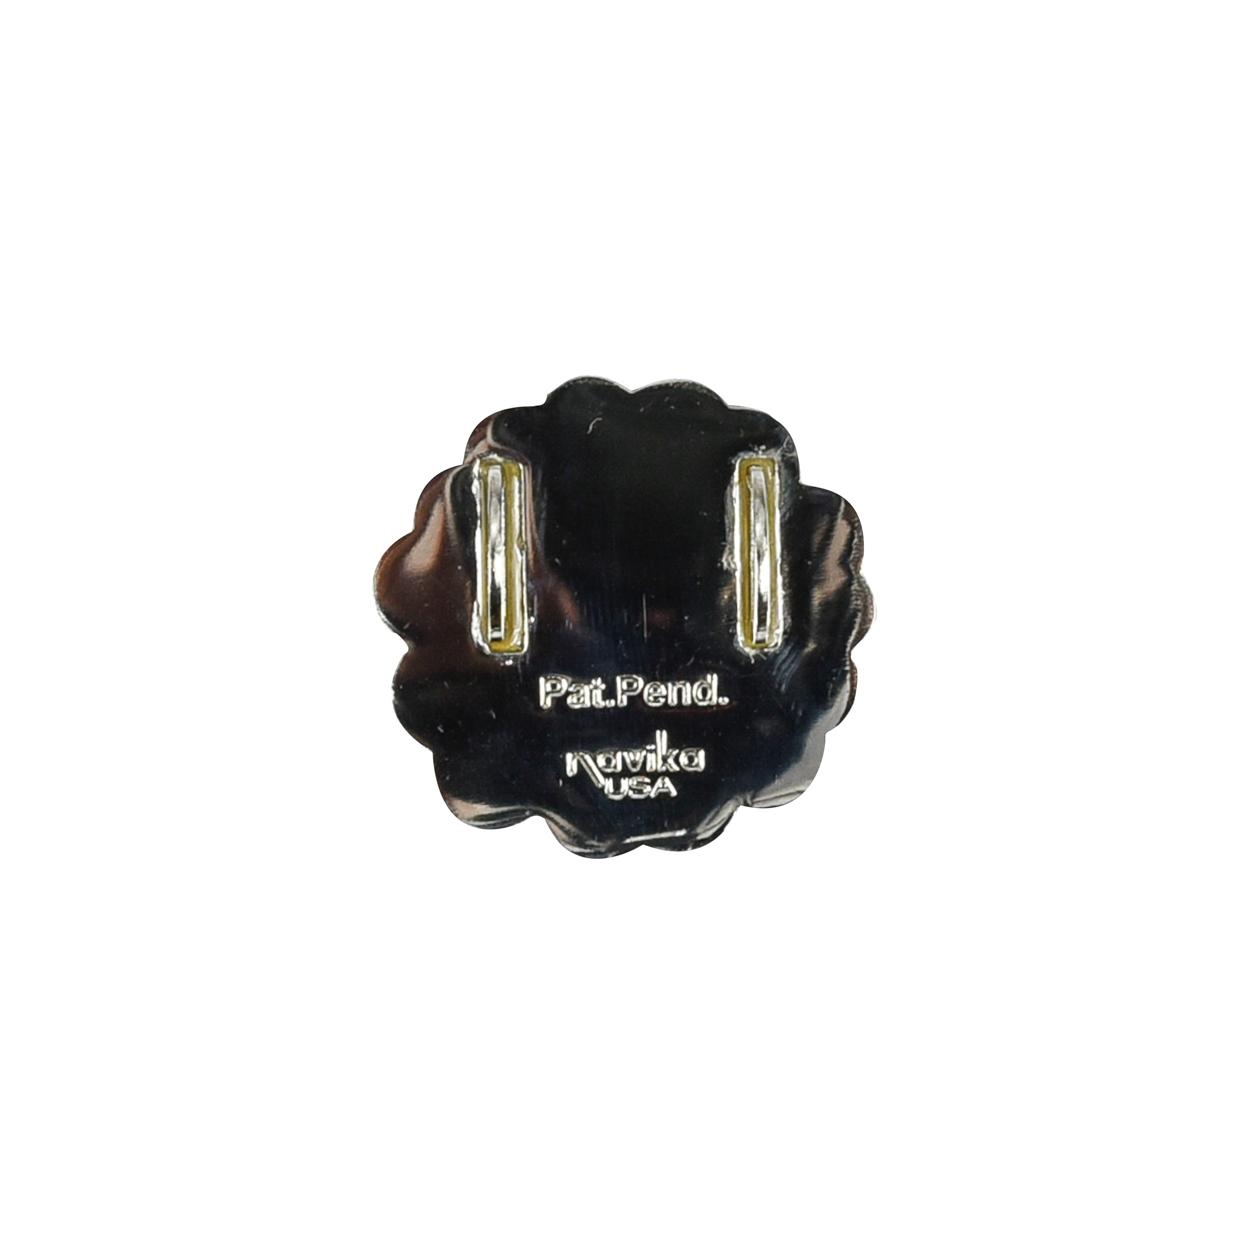 237. Flower White Shoe Marker